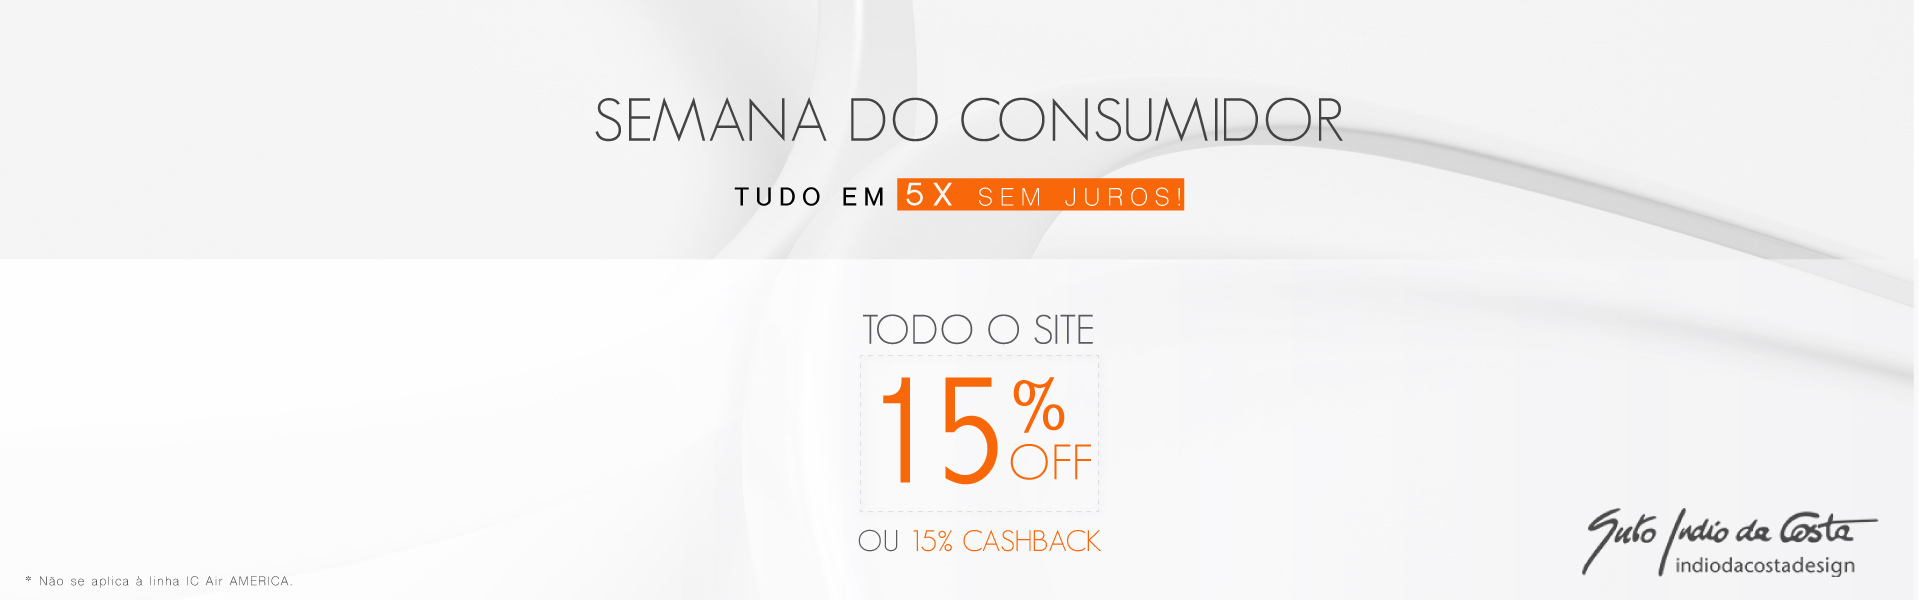 Semana do Consumidor SPIRIT: 15% de Desconto ou Cashback, Aproveite!